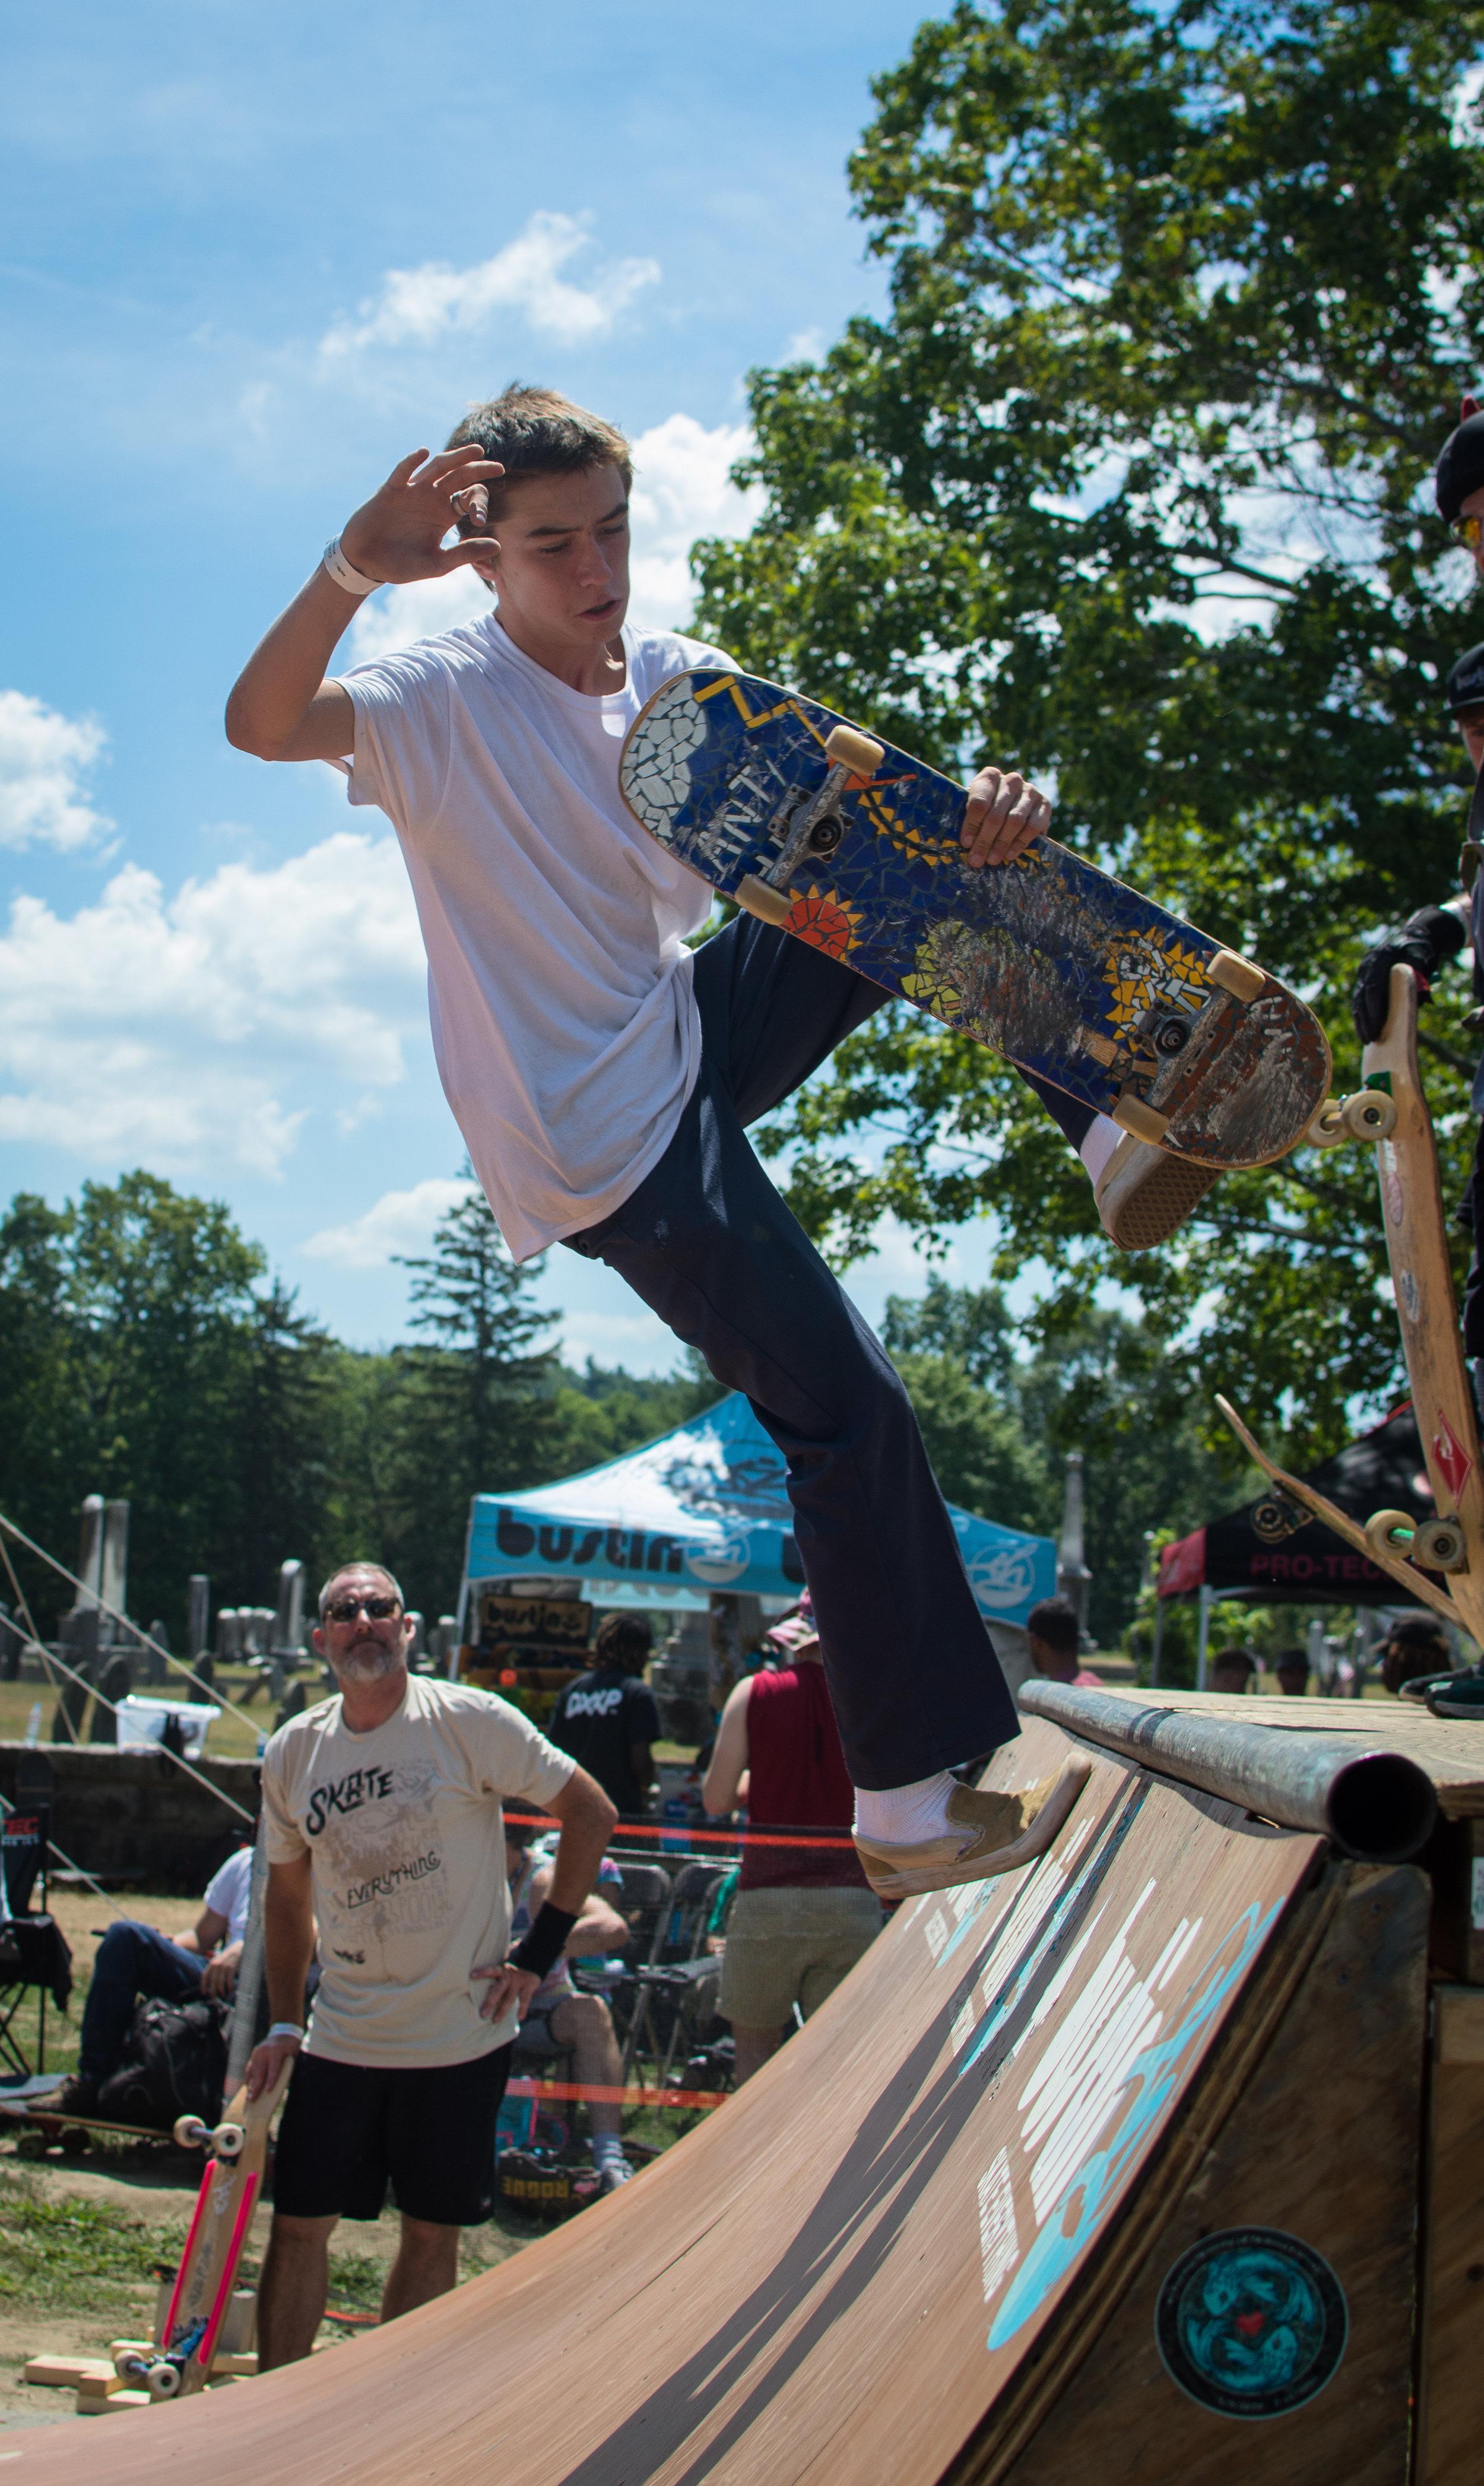 Skate 15.jpg